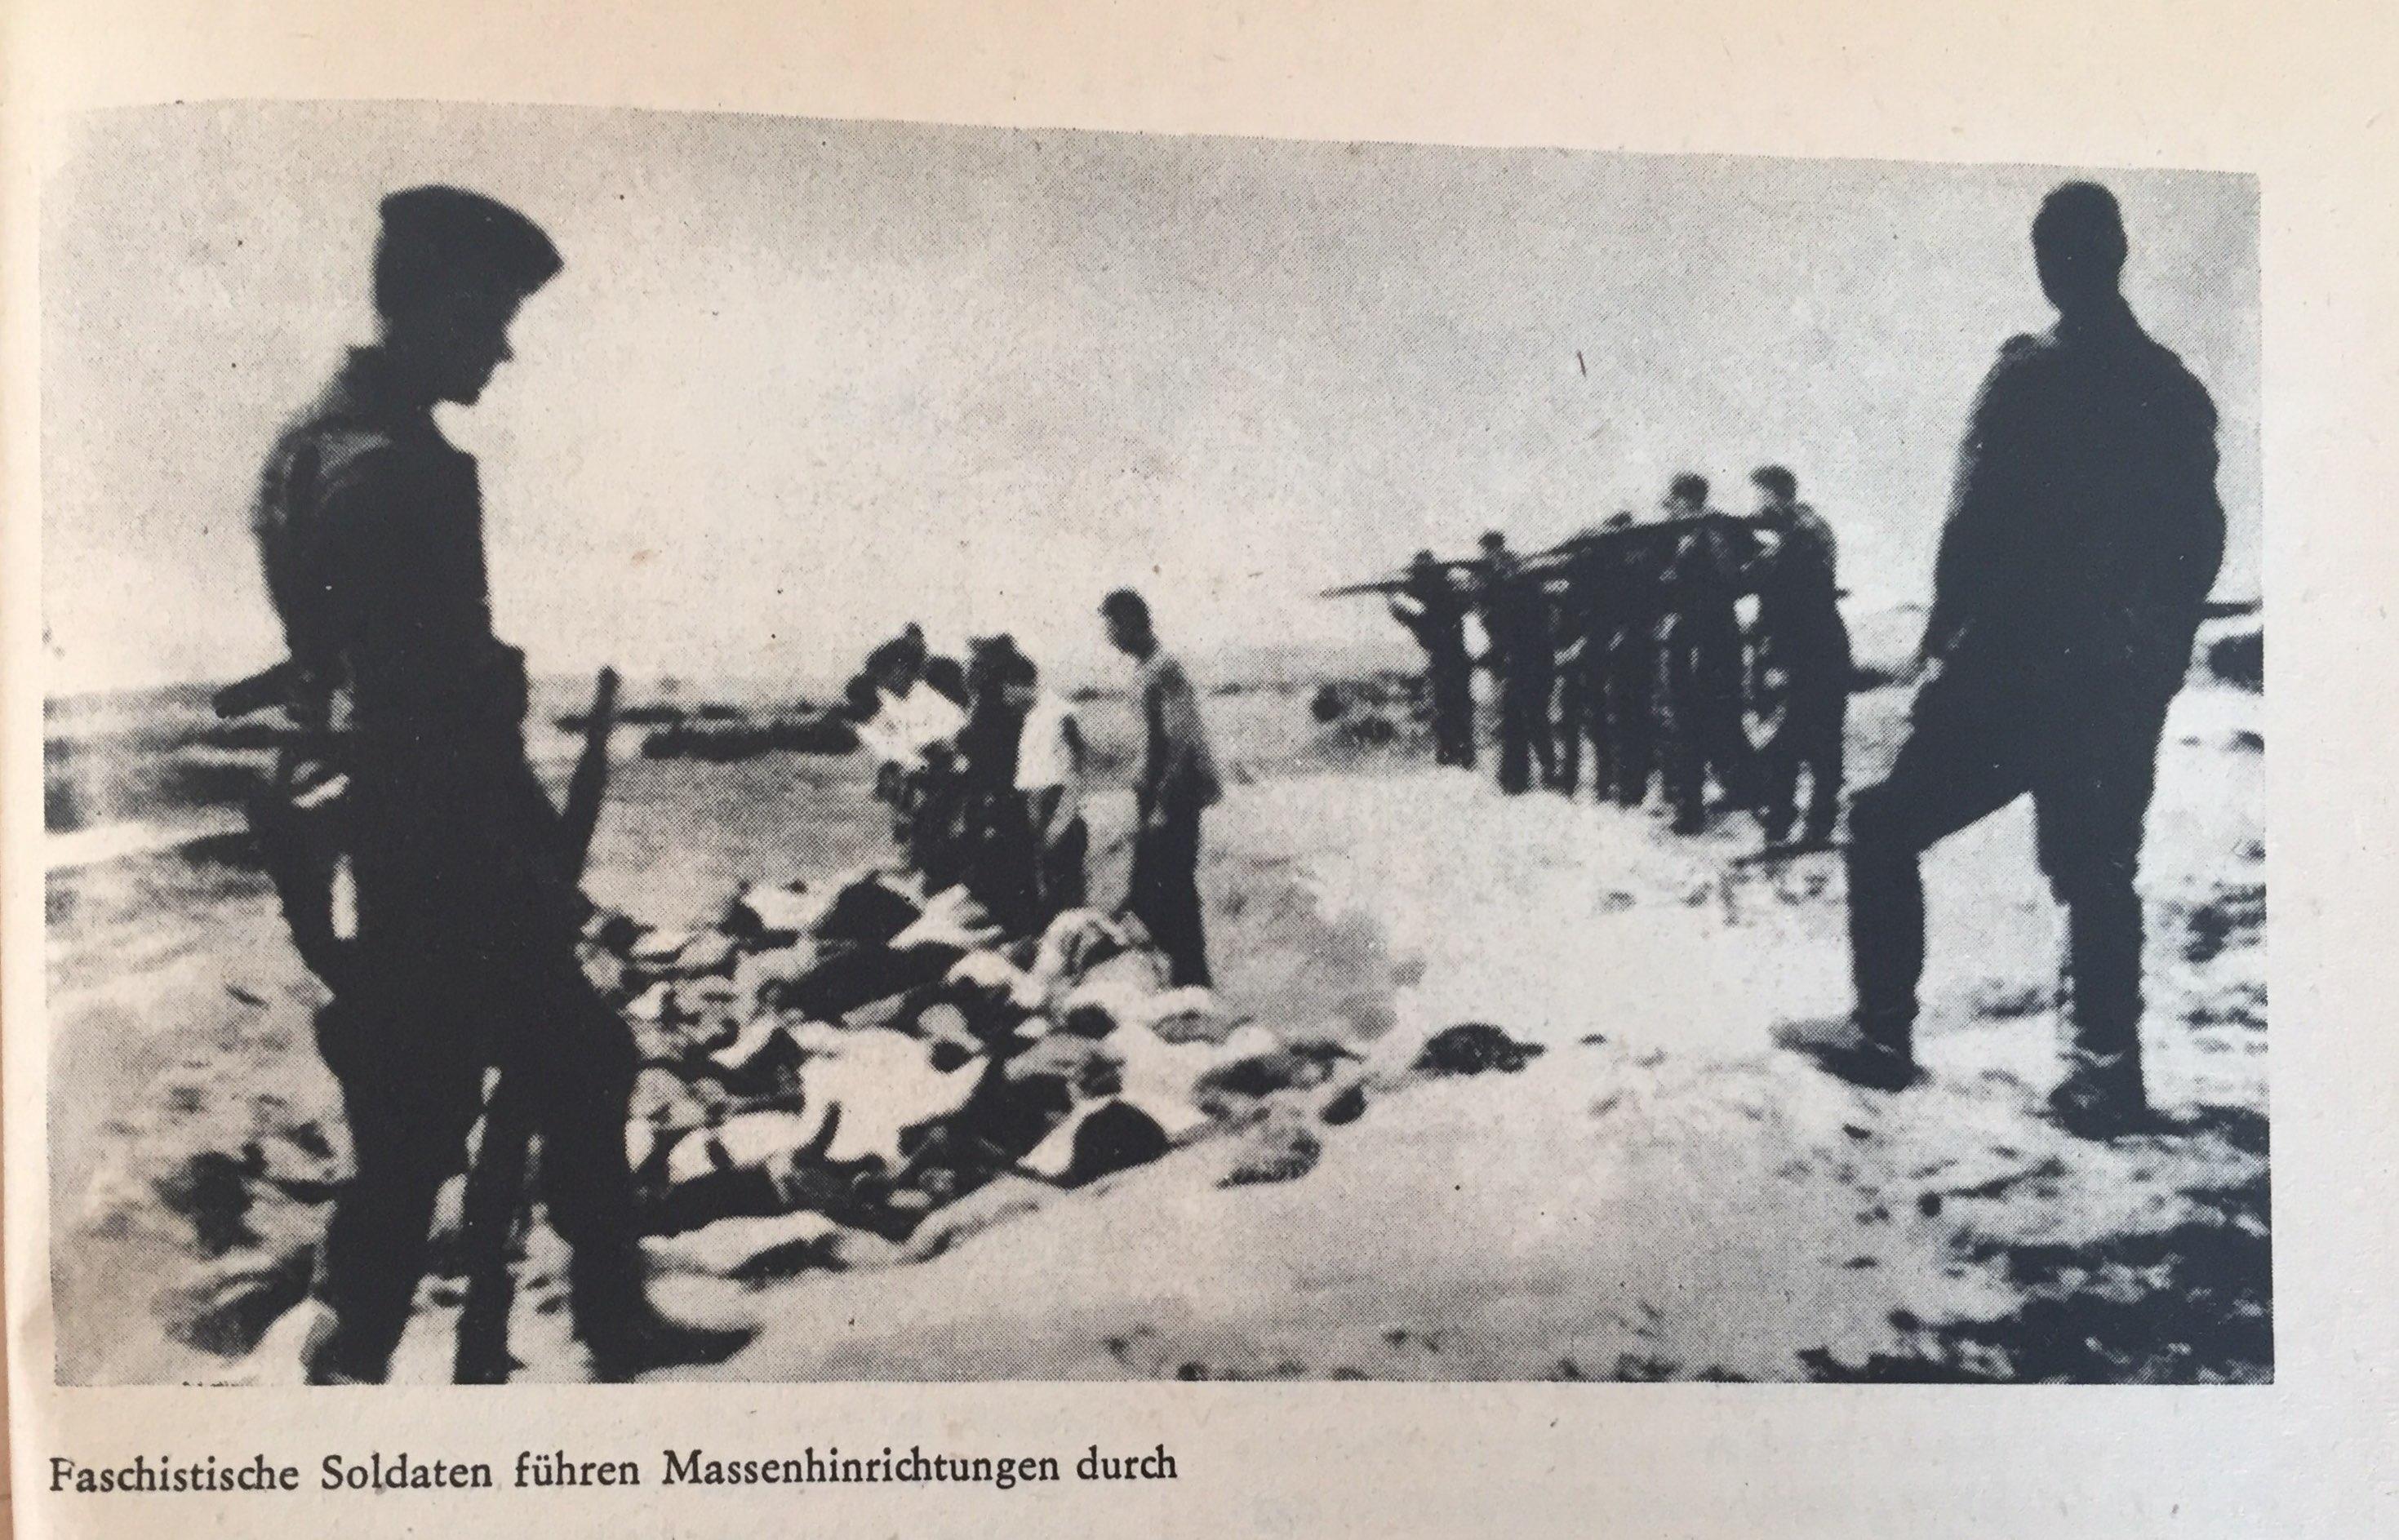 Faschistische Soldaten führen Massenhinrichtungen durch